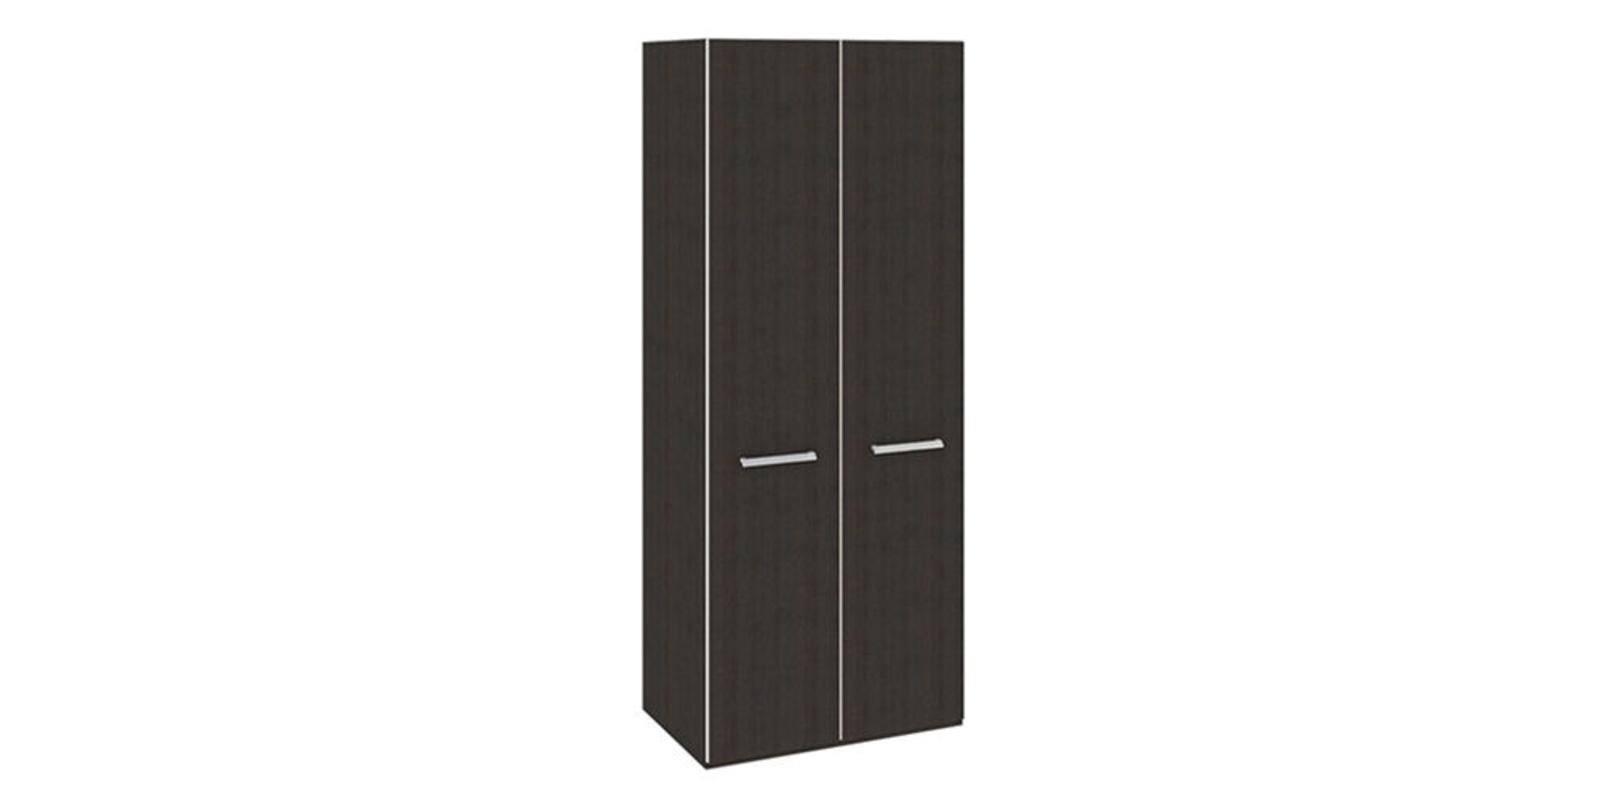 Шкаф распашной двухдверный Калгари (дуб кастано)